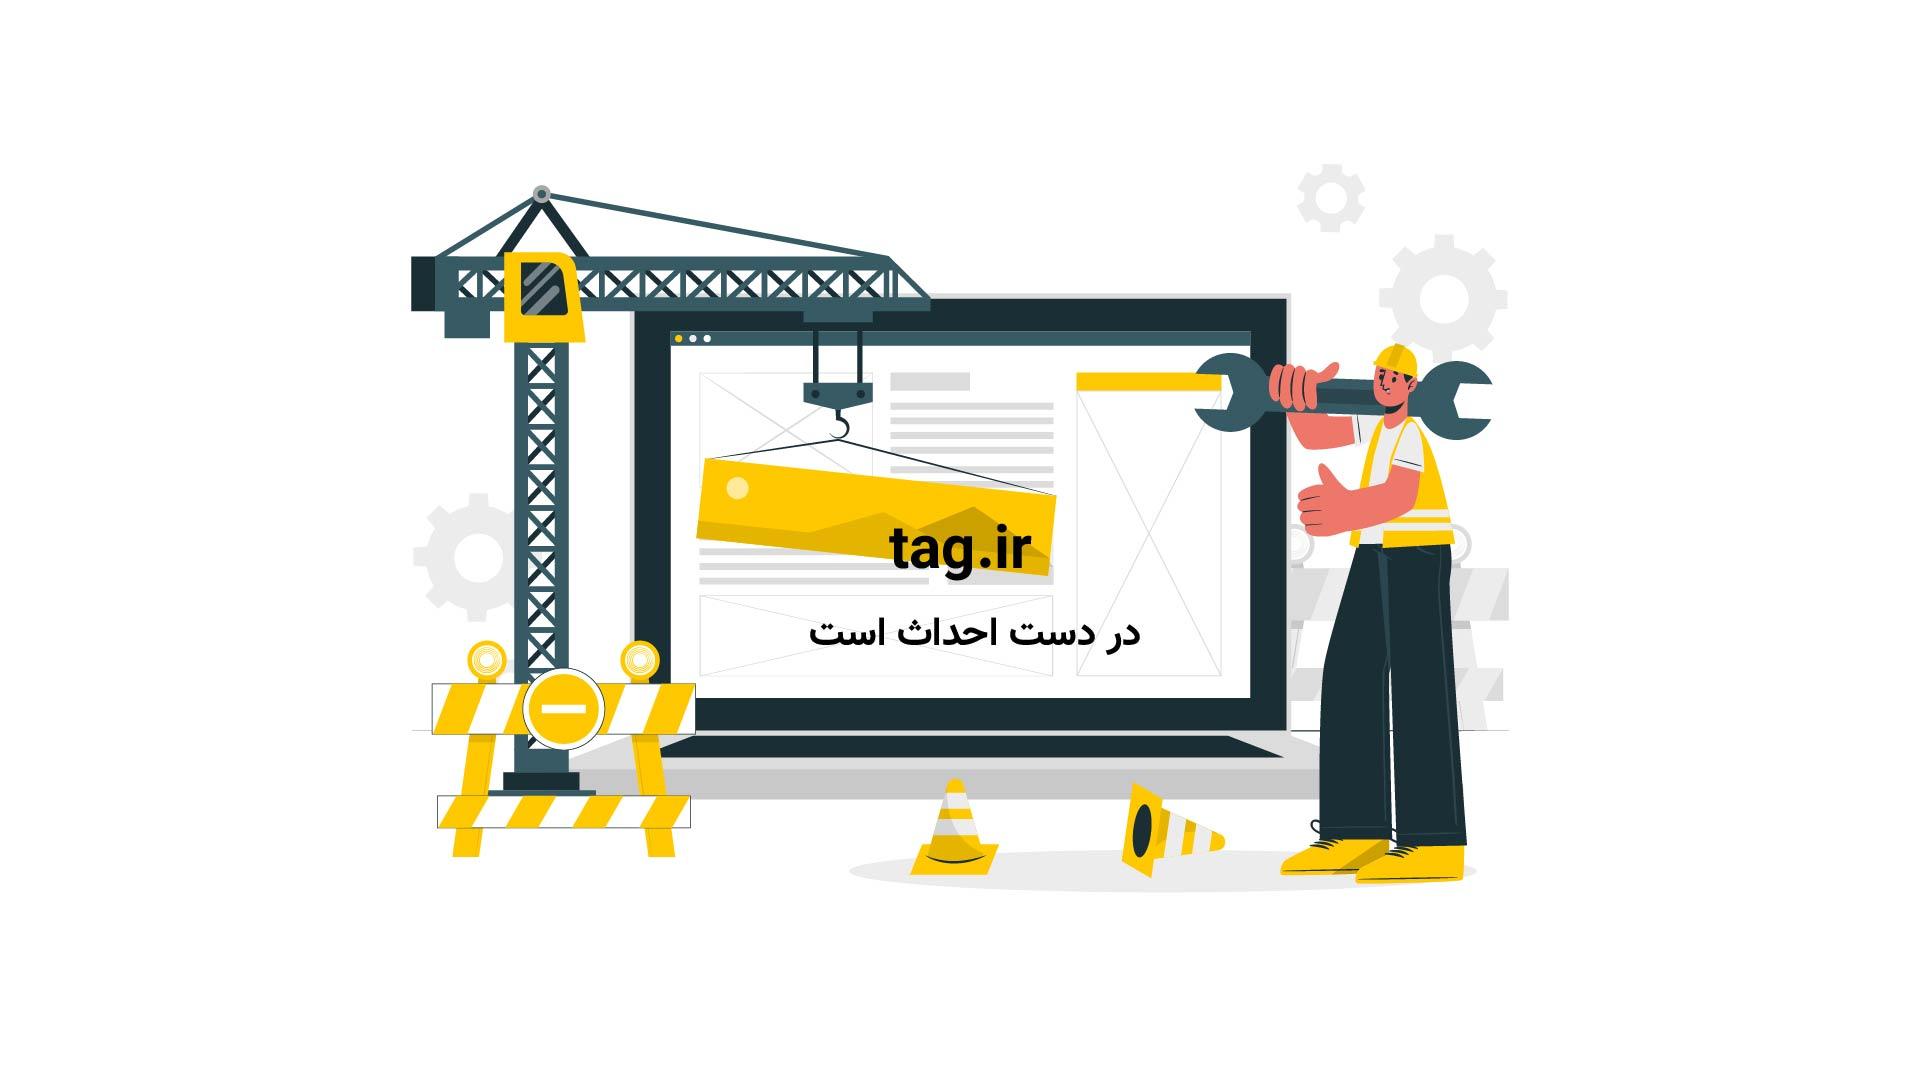 روشی ساده و کاربردی برای جدا کردن سفیده و زرده تخم مرغ | فیلم